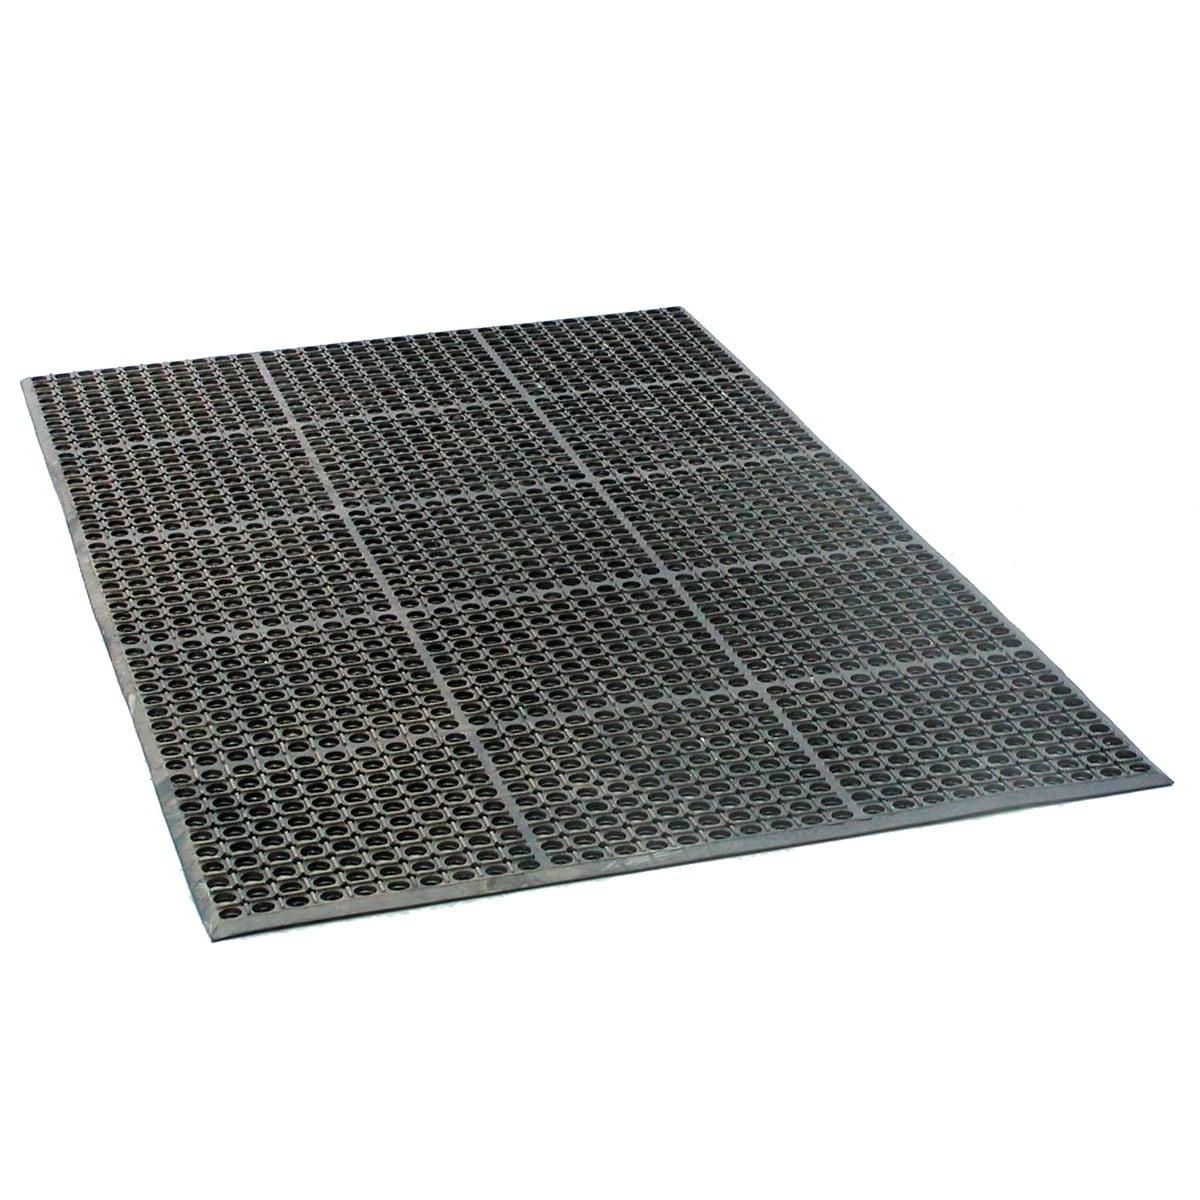 New 3'x5' Rubber Mat Flooring Runner Rolls Outdoor Indoor ...